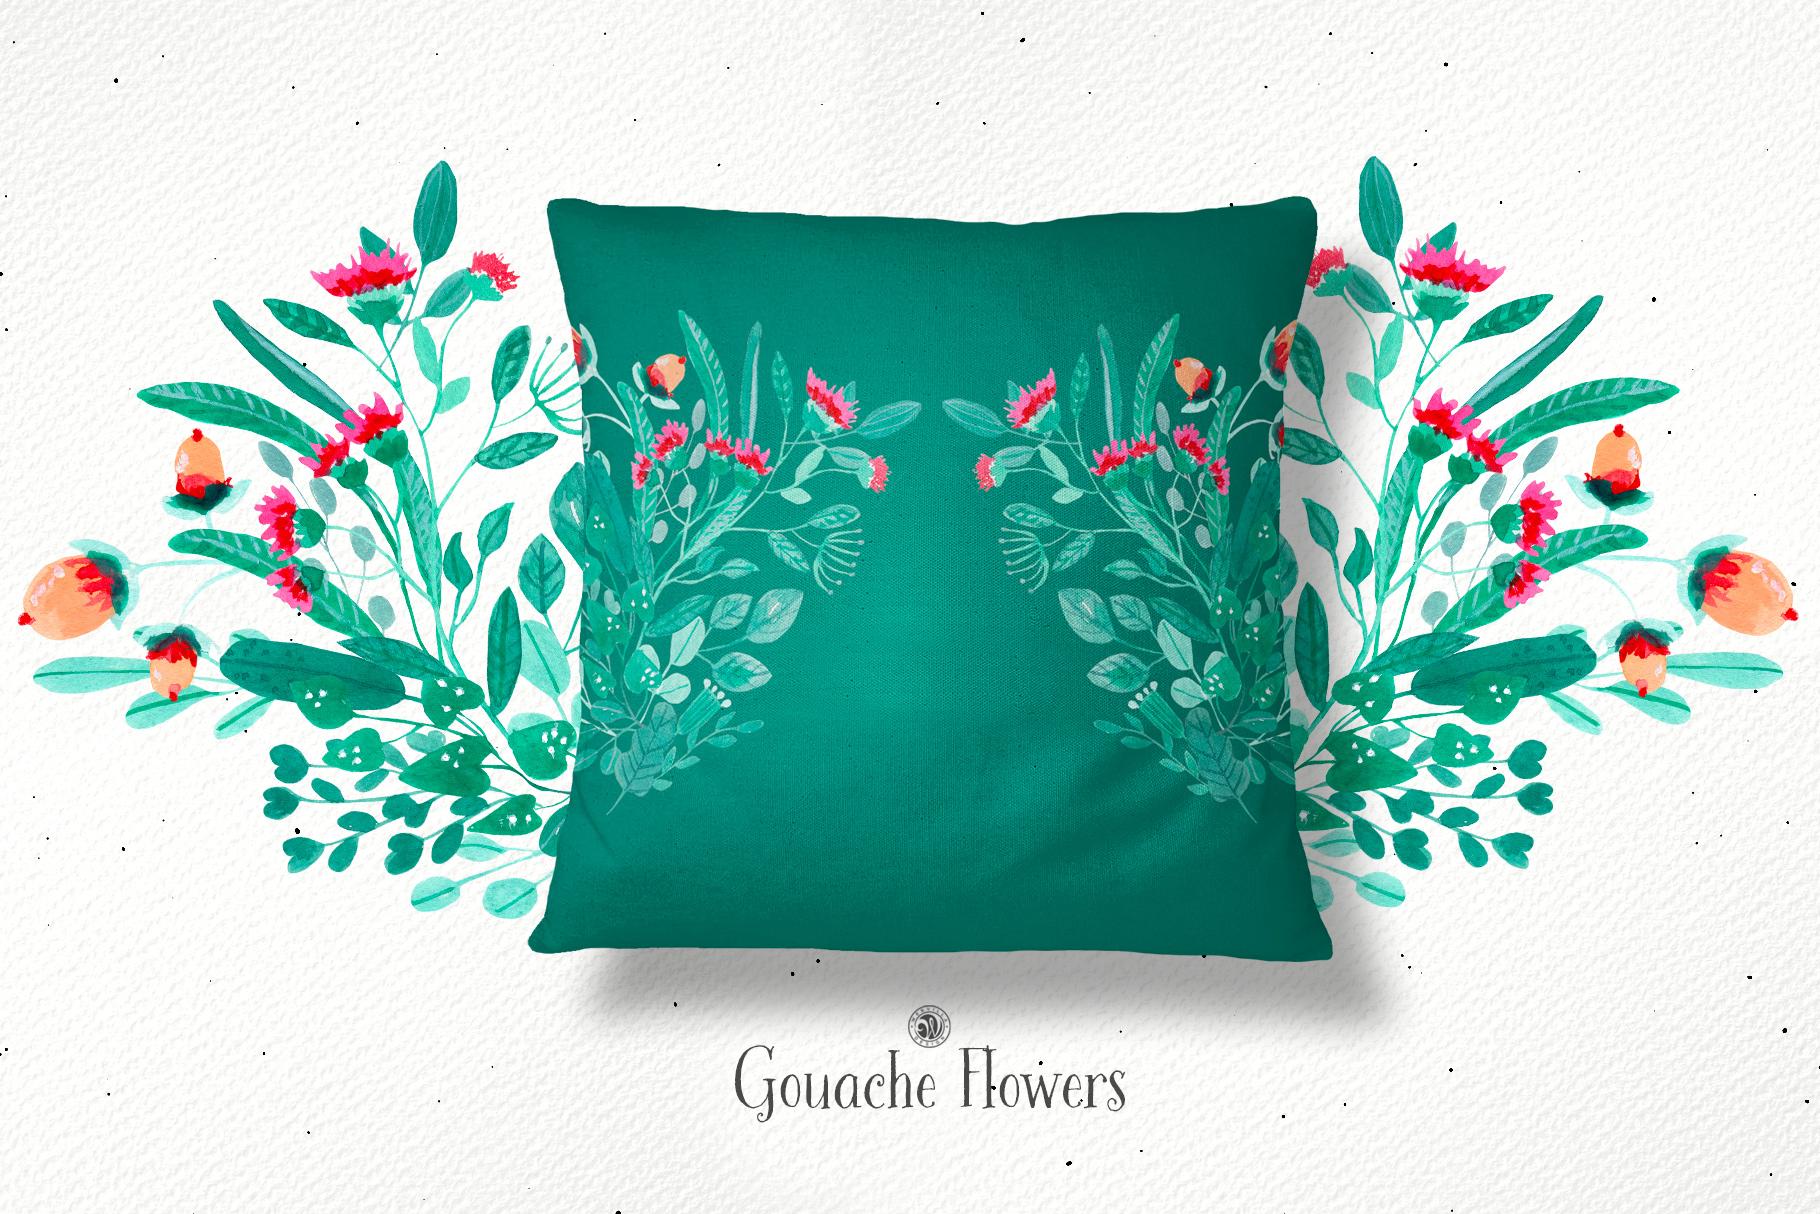 Gouache Flowers example image 5